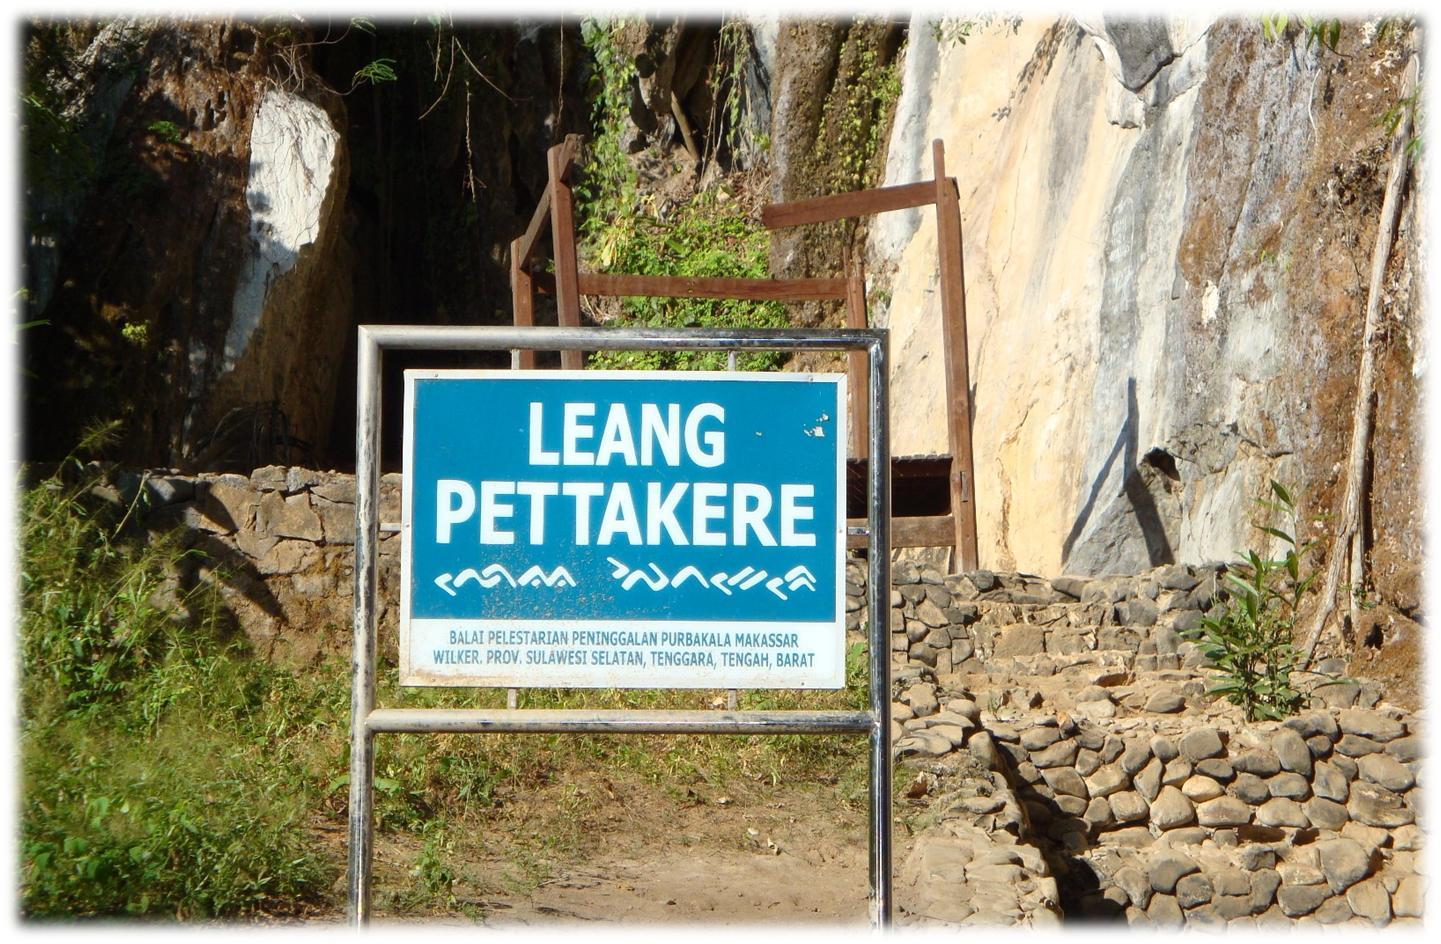 Rental Mobil Makassar Taman Purbakala Leang Arkeolog Bahkan Berpendapat Antara